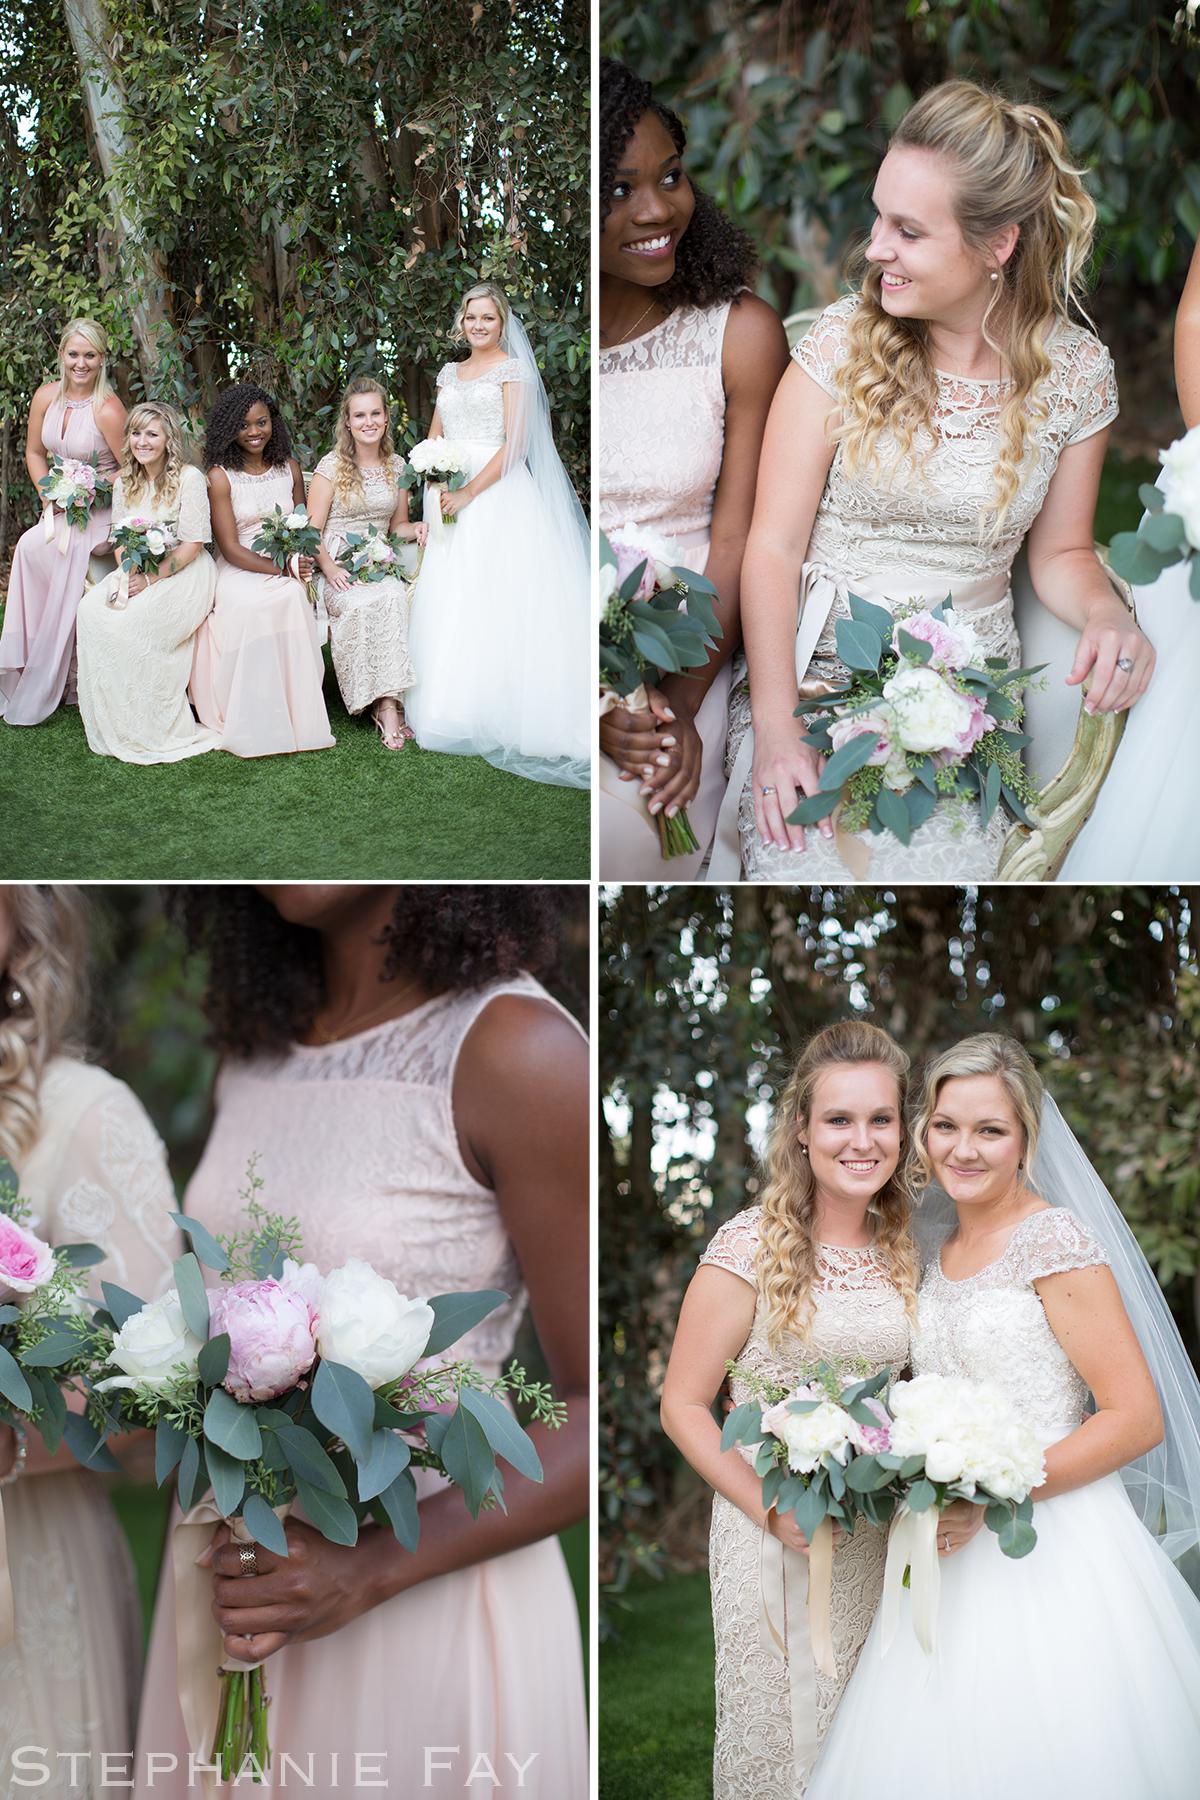 San marcos garden wedding